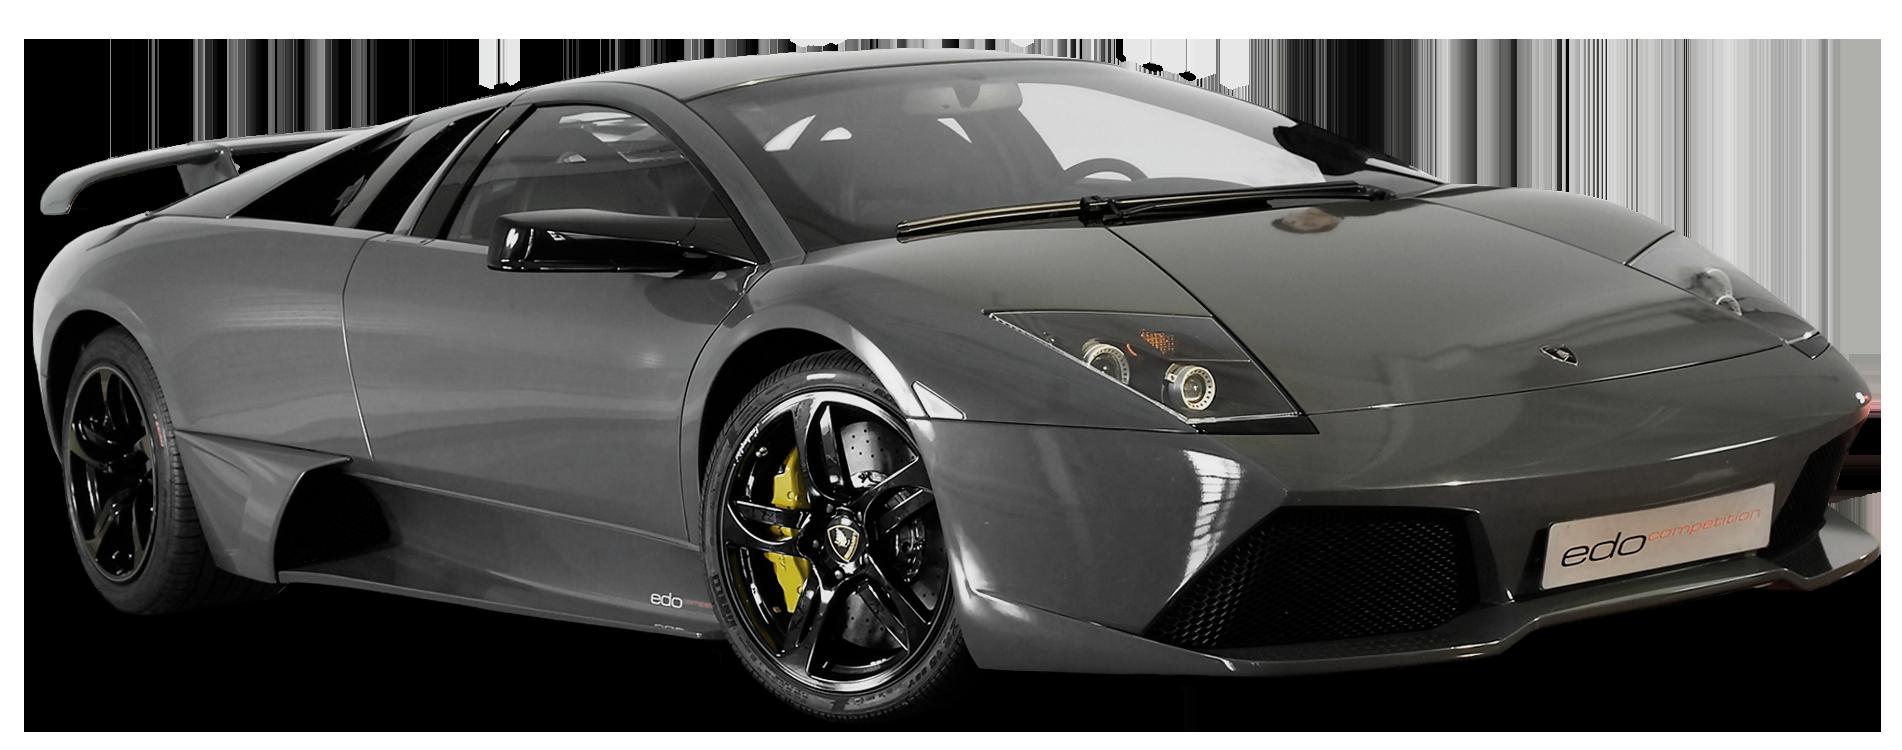 Lamborghini Car Png Images Free Download